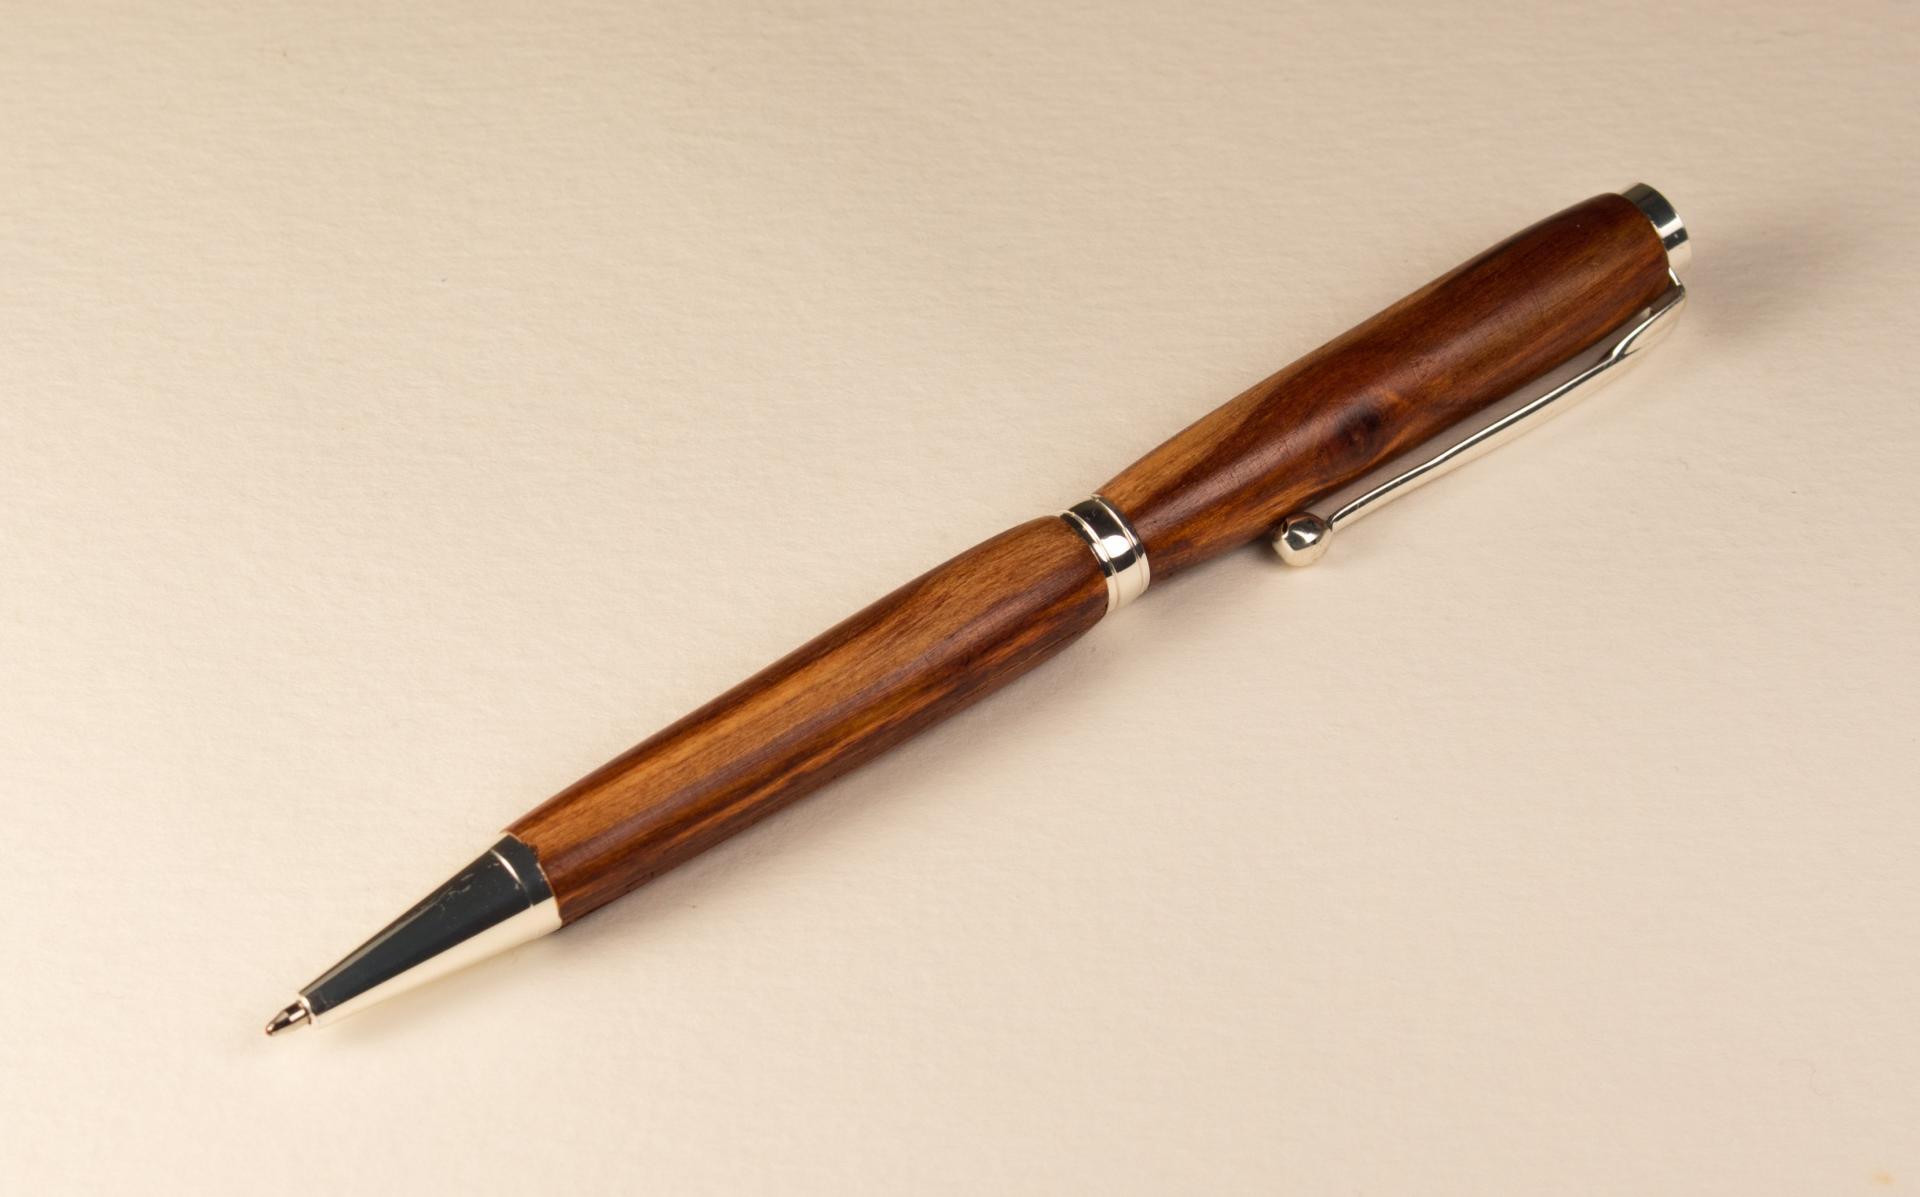 Stylo En Bois Artisanal - stylo bois artisanal fait main